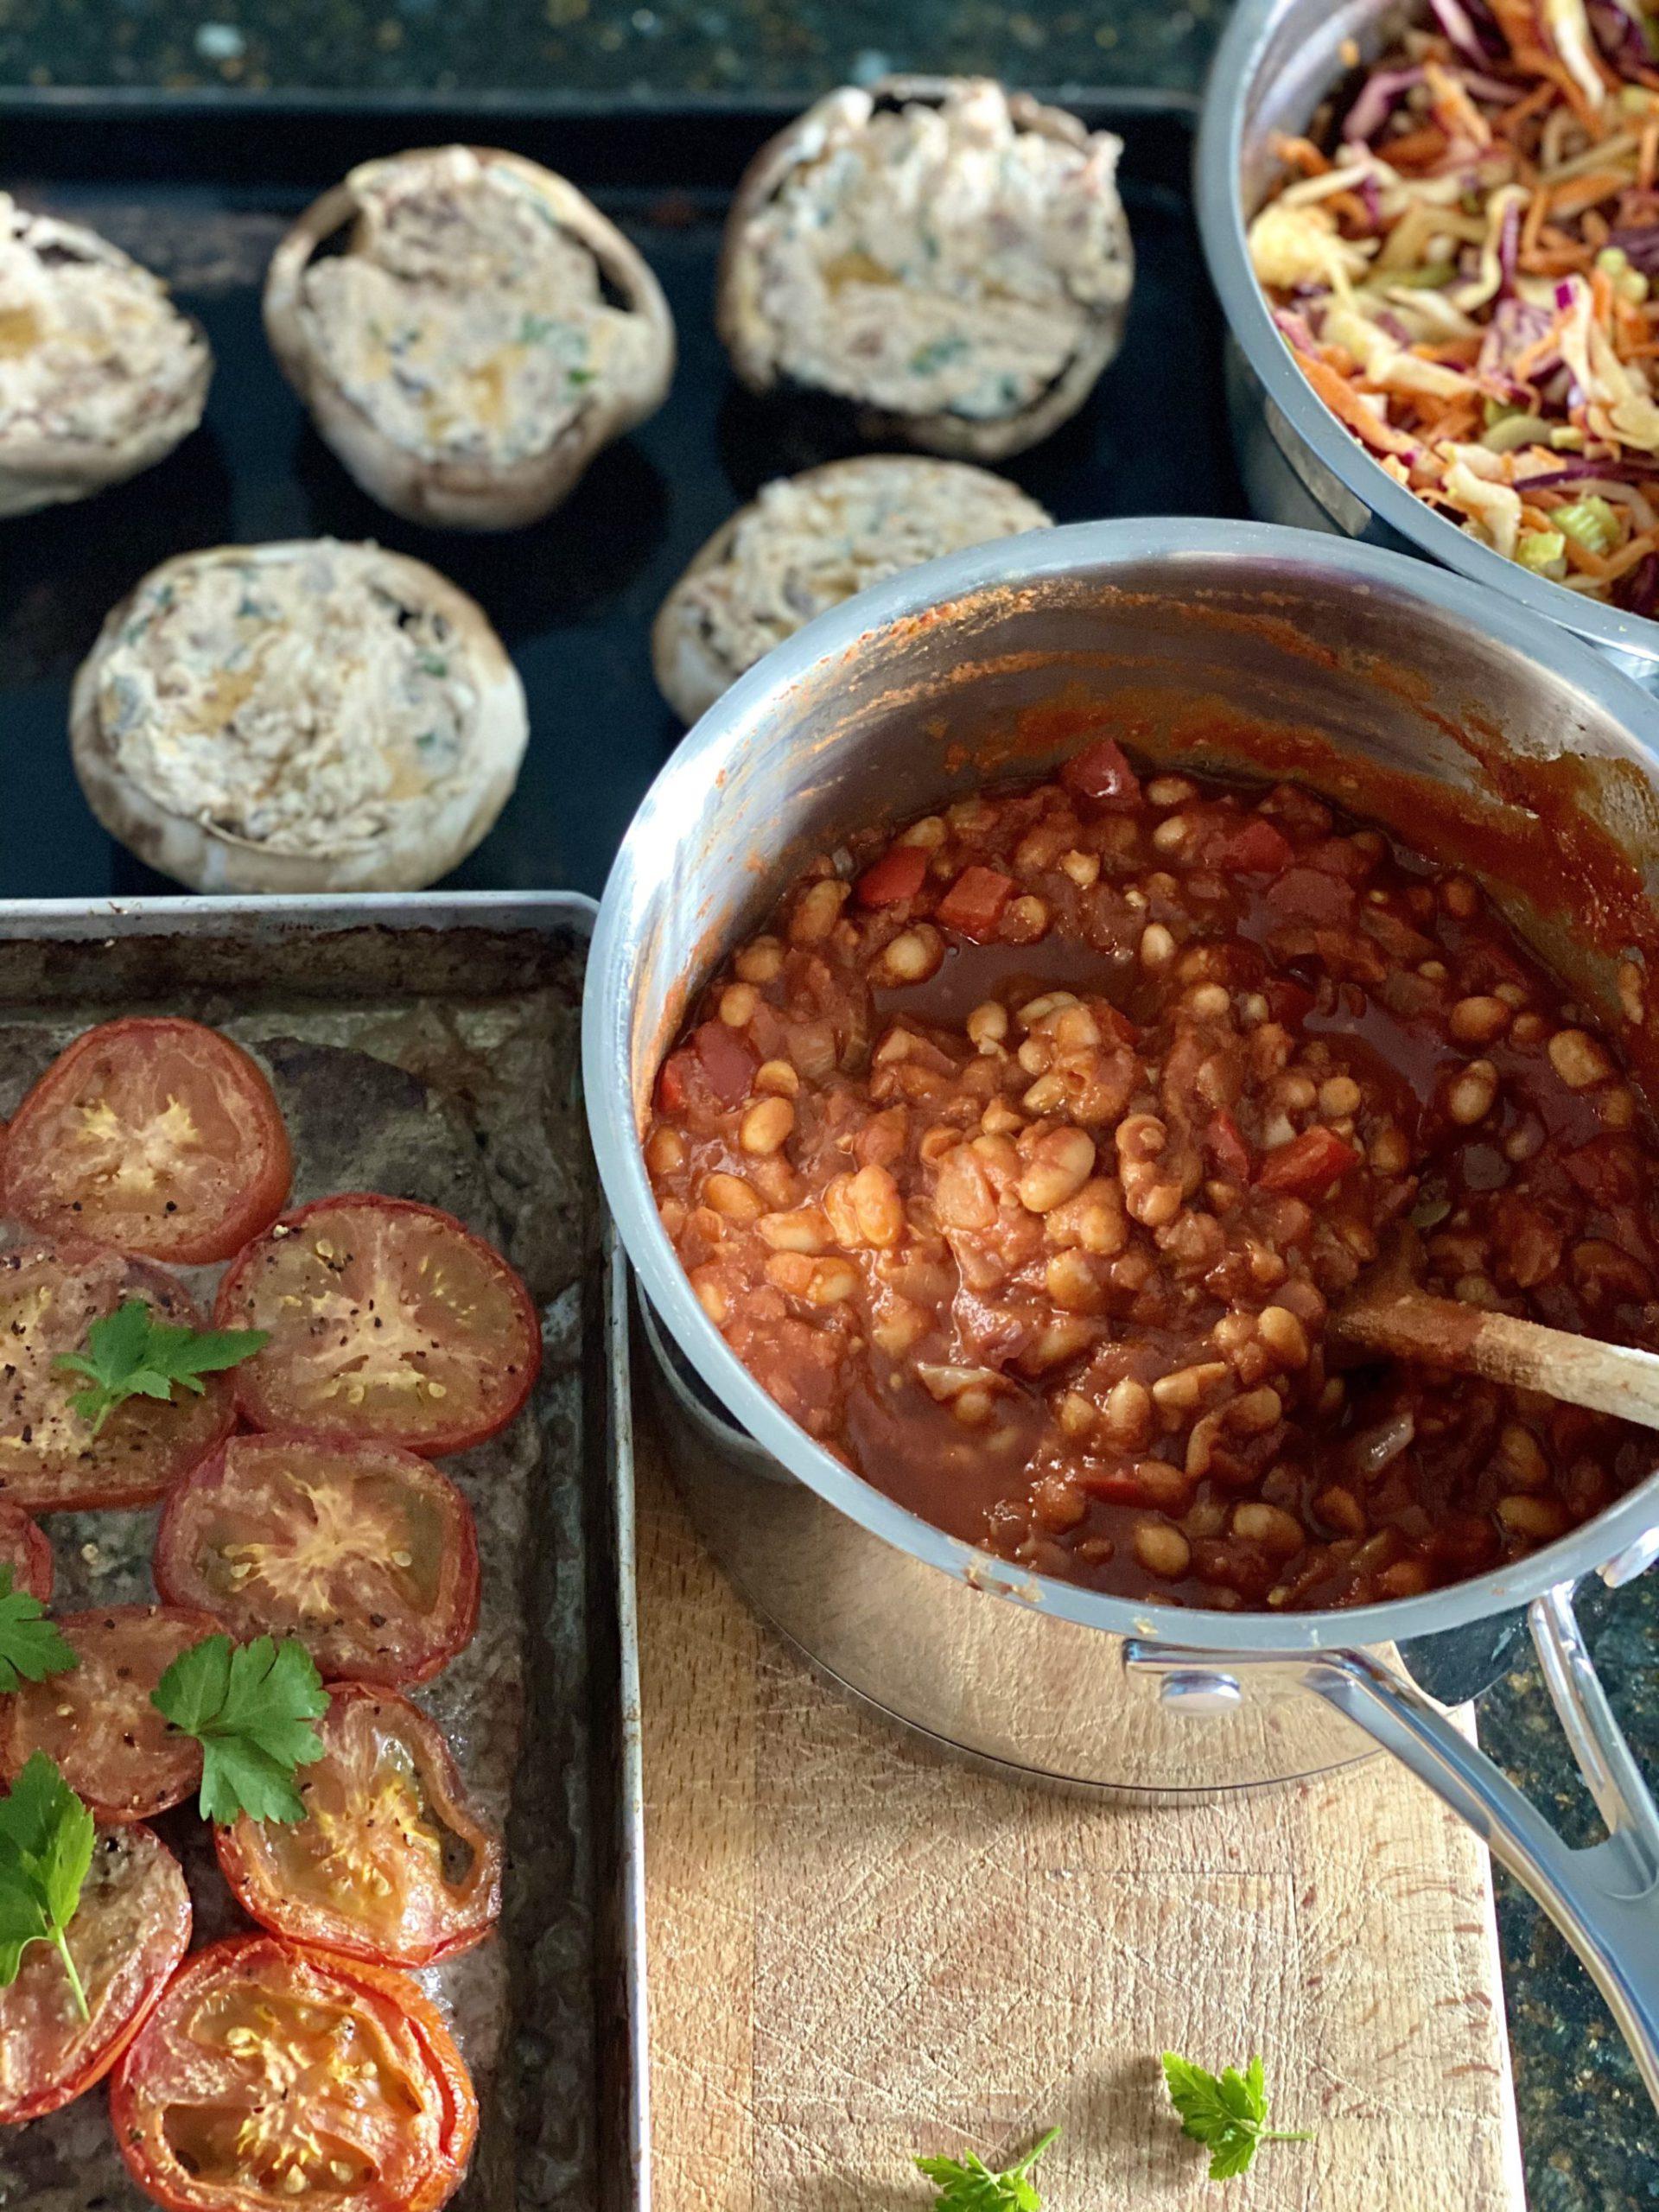 Meal planning workshop recipes